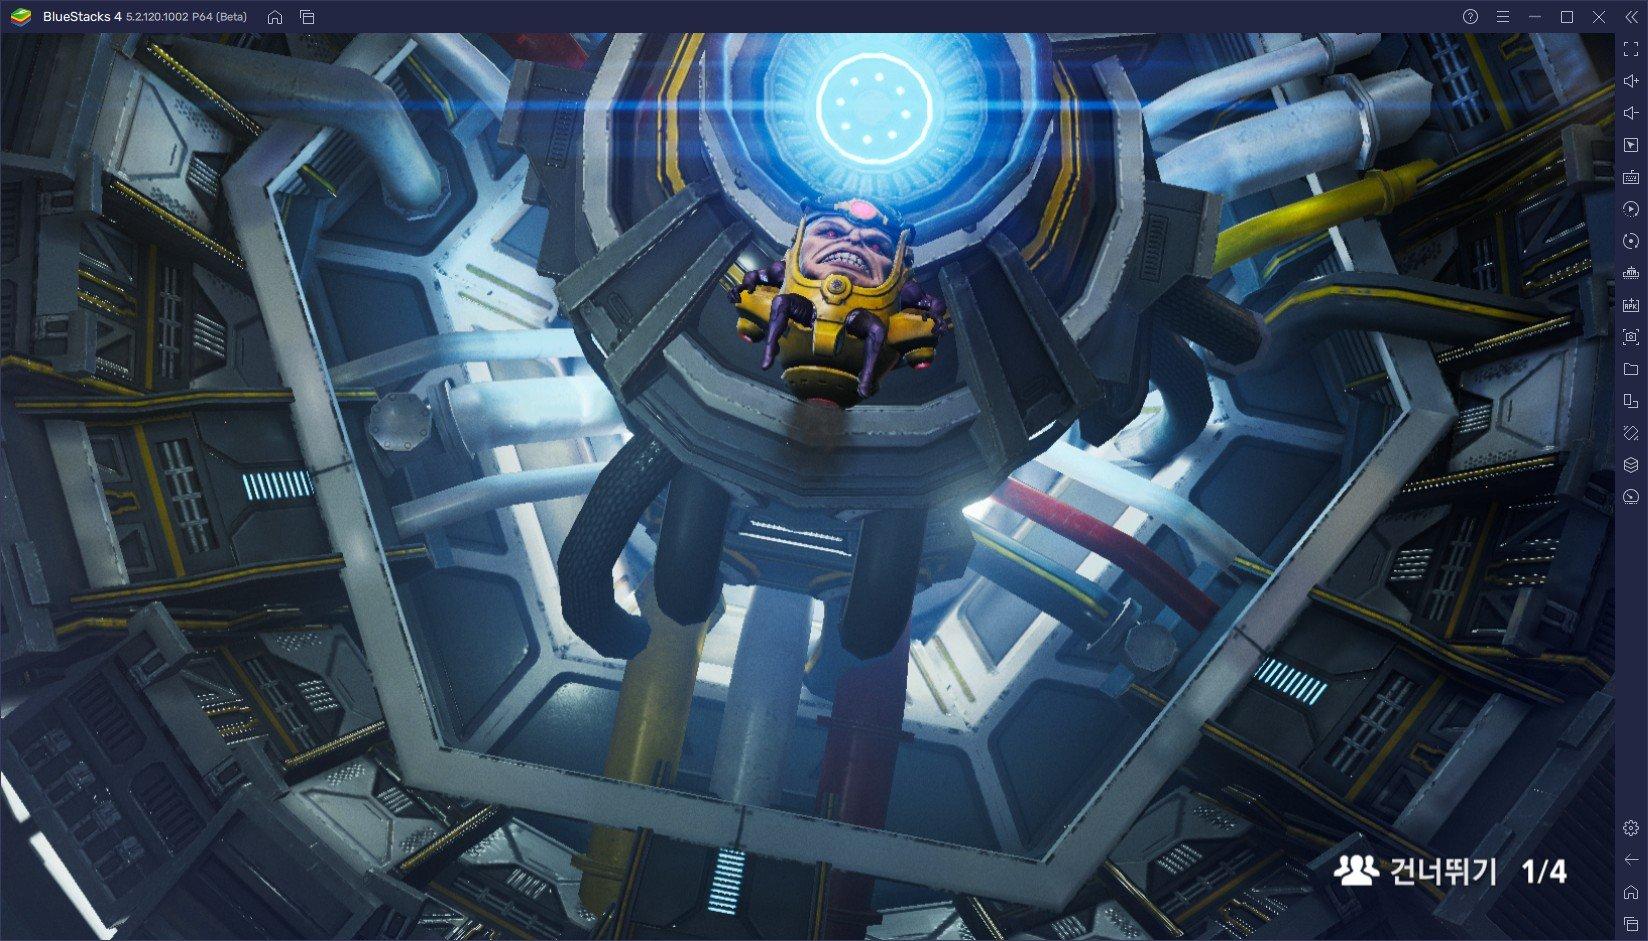 유저들을 위해 새롭게 시작된 마블 퓨처 레볼루션의 이벤트들, 블루스택으로 PC에서 바로 진행해봅시다!